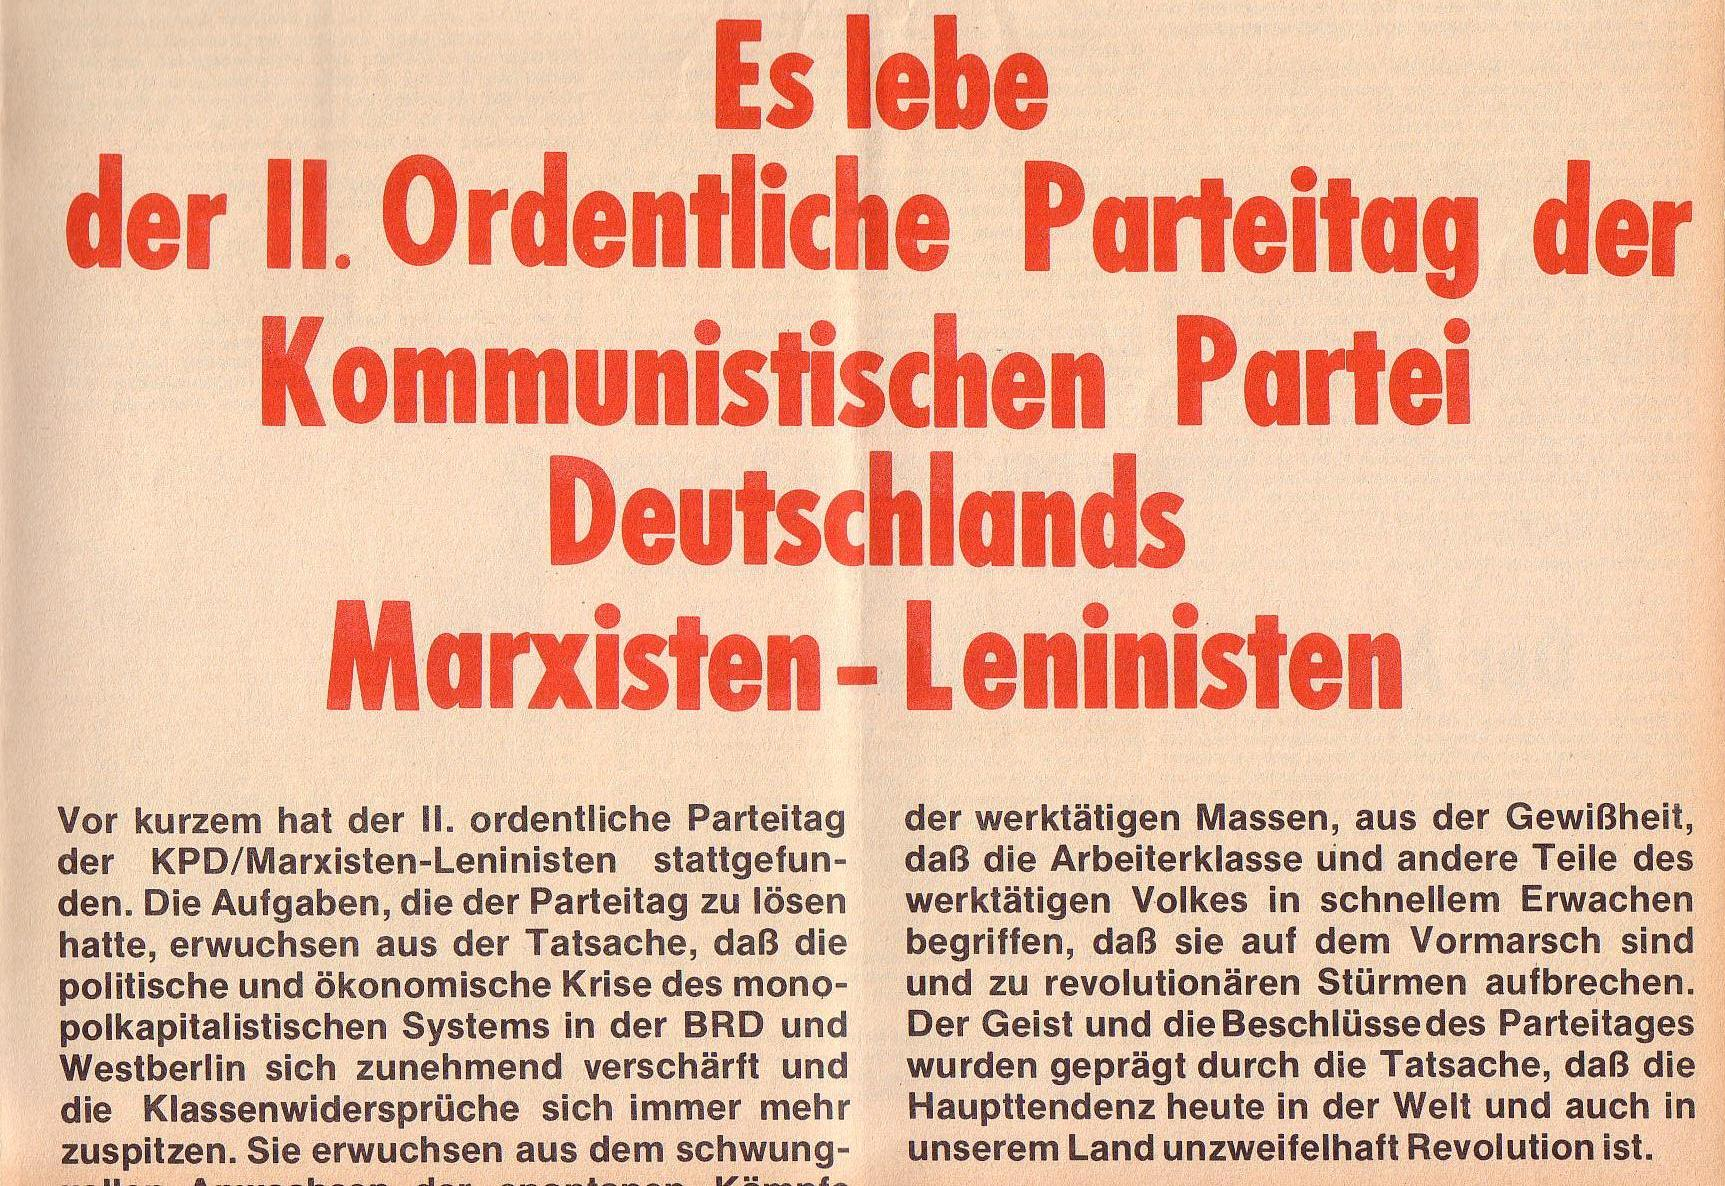 Roter Morgen, 6. Jg., Juli 1972, Sonderbeilage zum II. ordentlichen Parteitag, Seite 1b